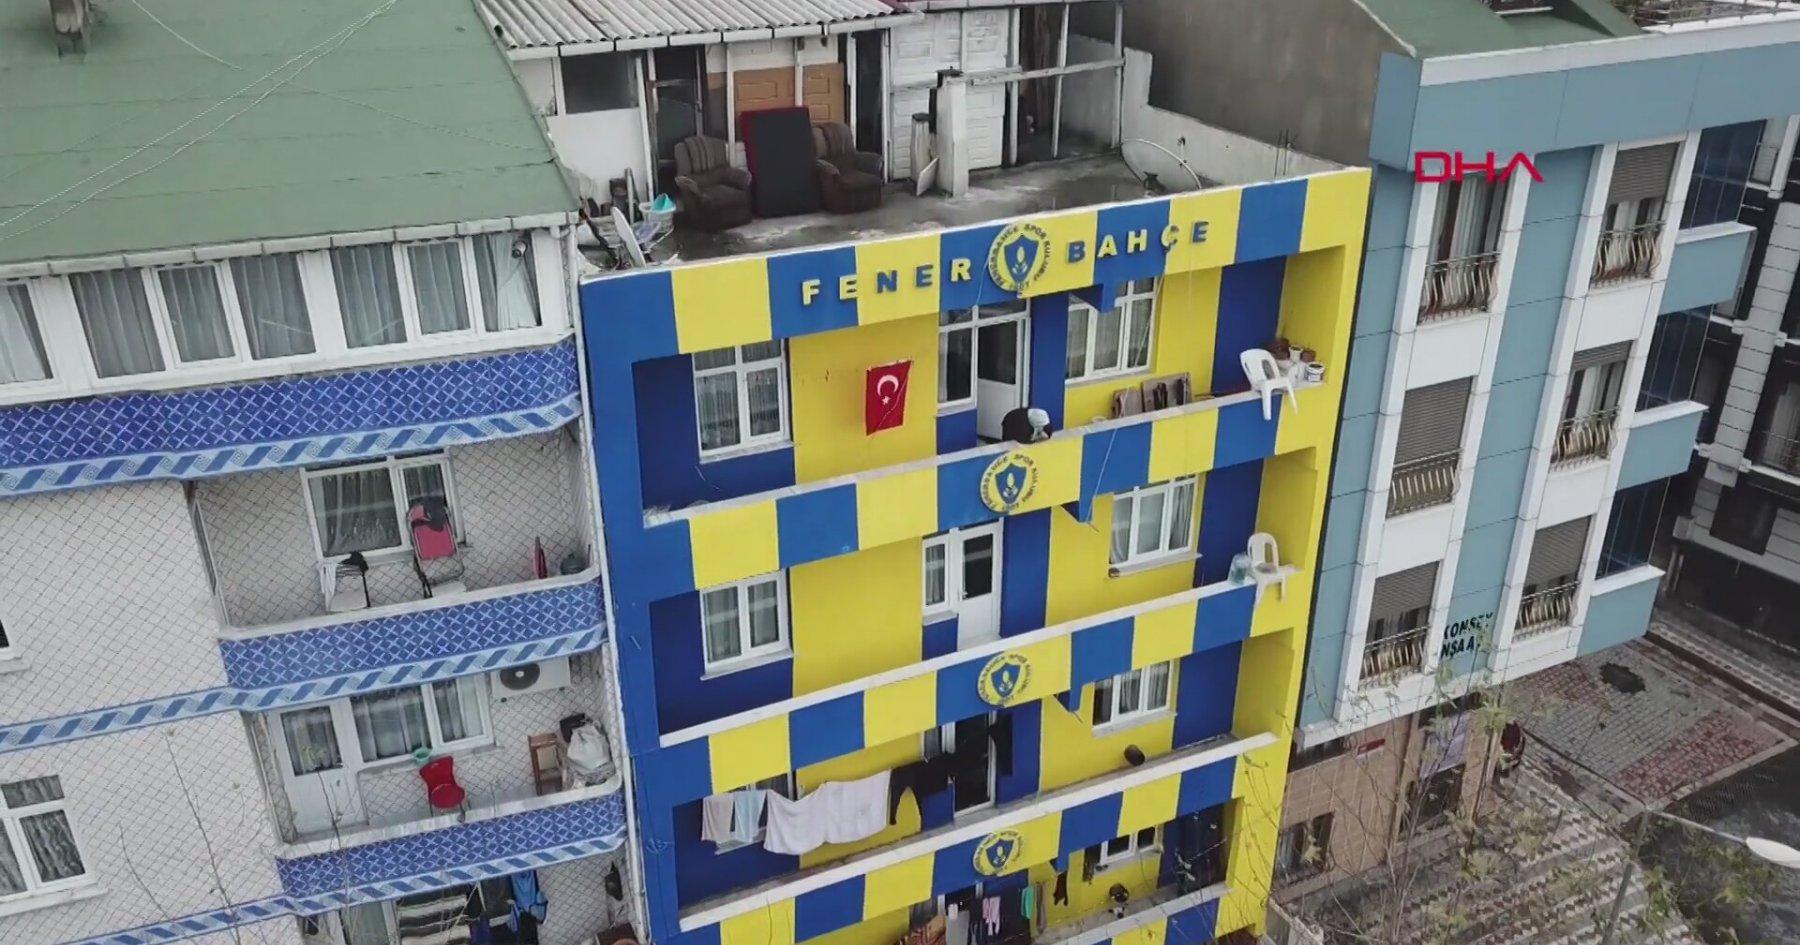 Fenerbahçeli Kiracı İsteyen Ev Sahibi